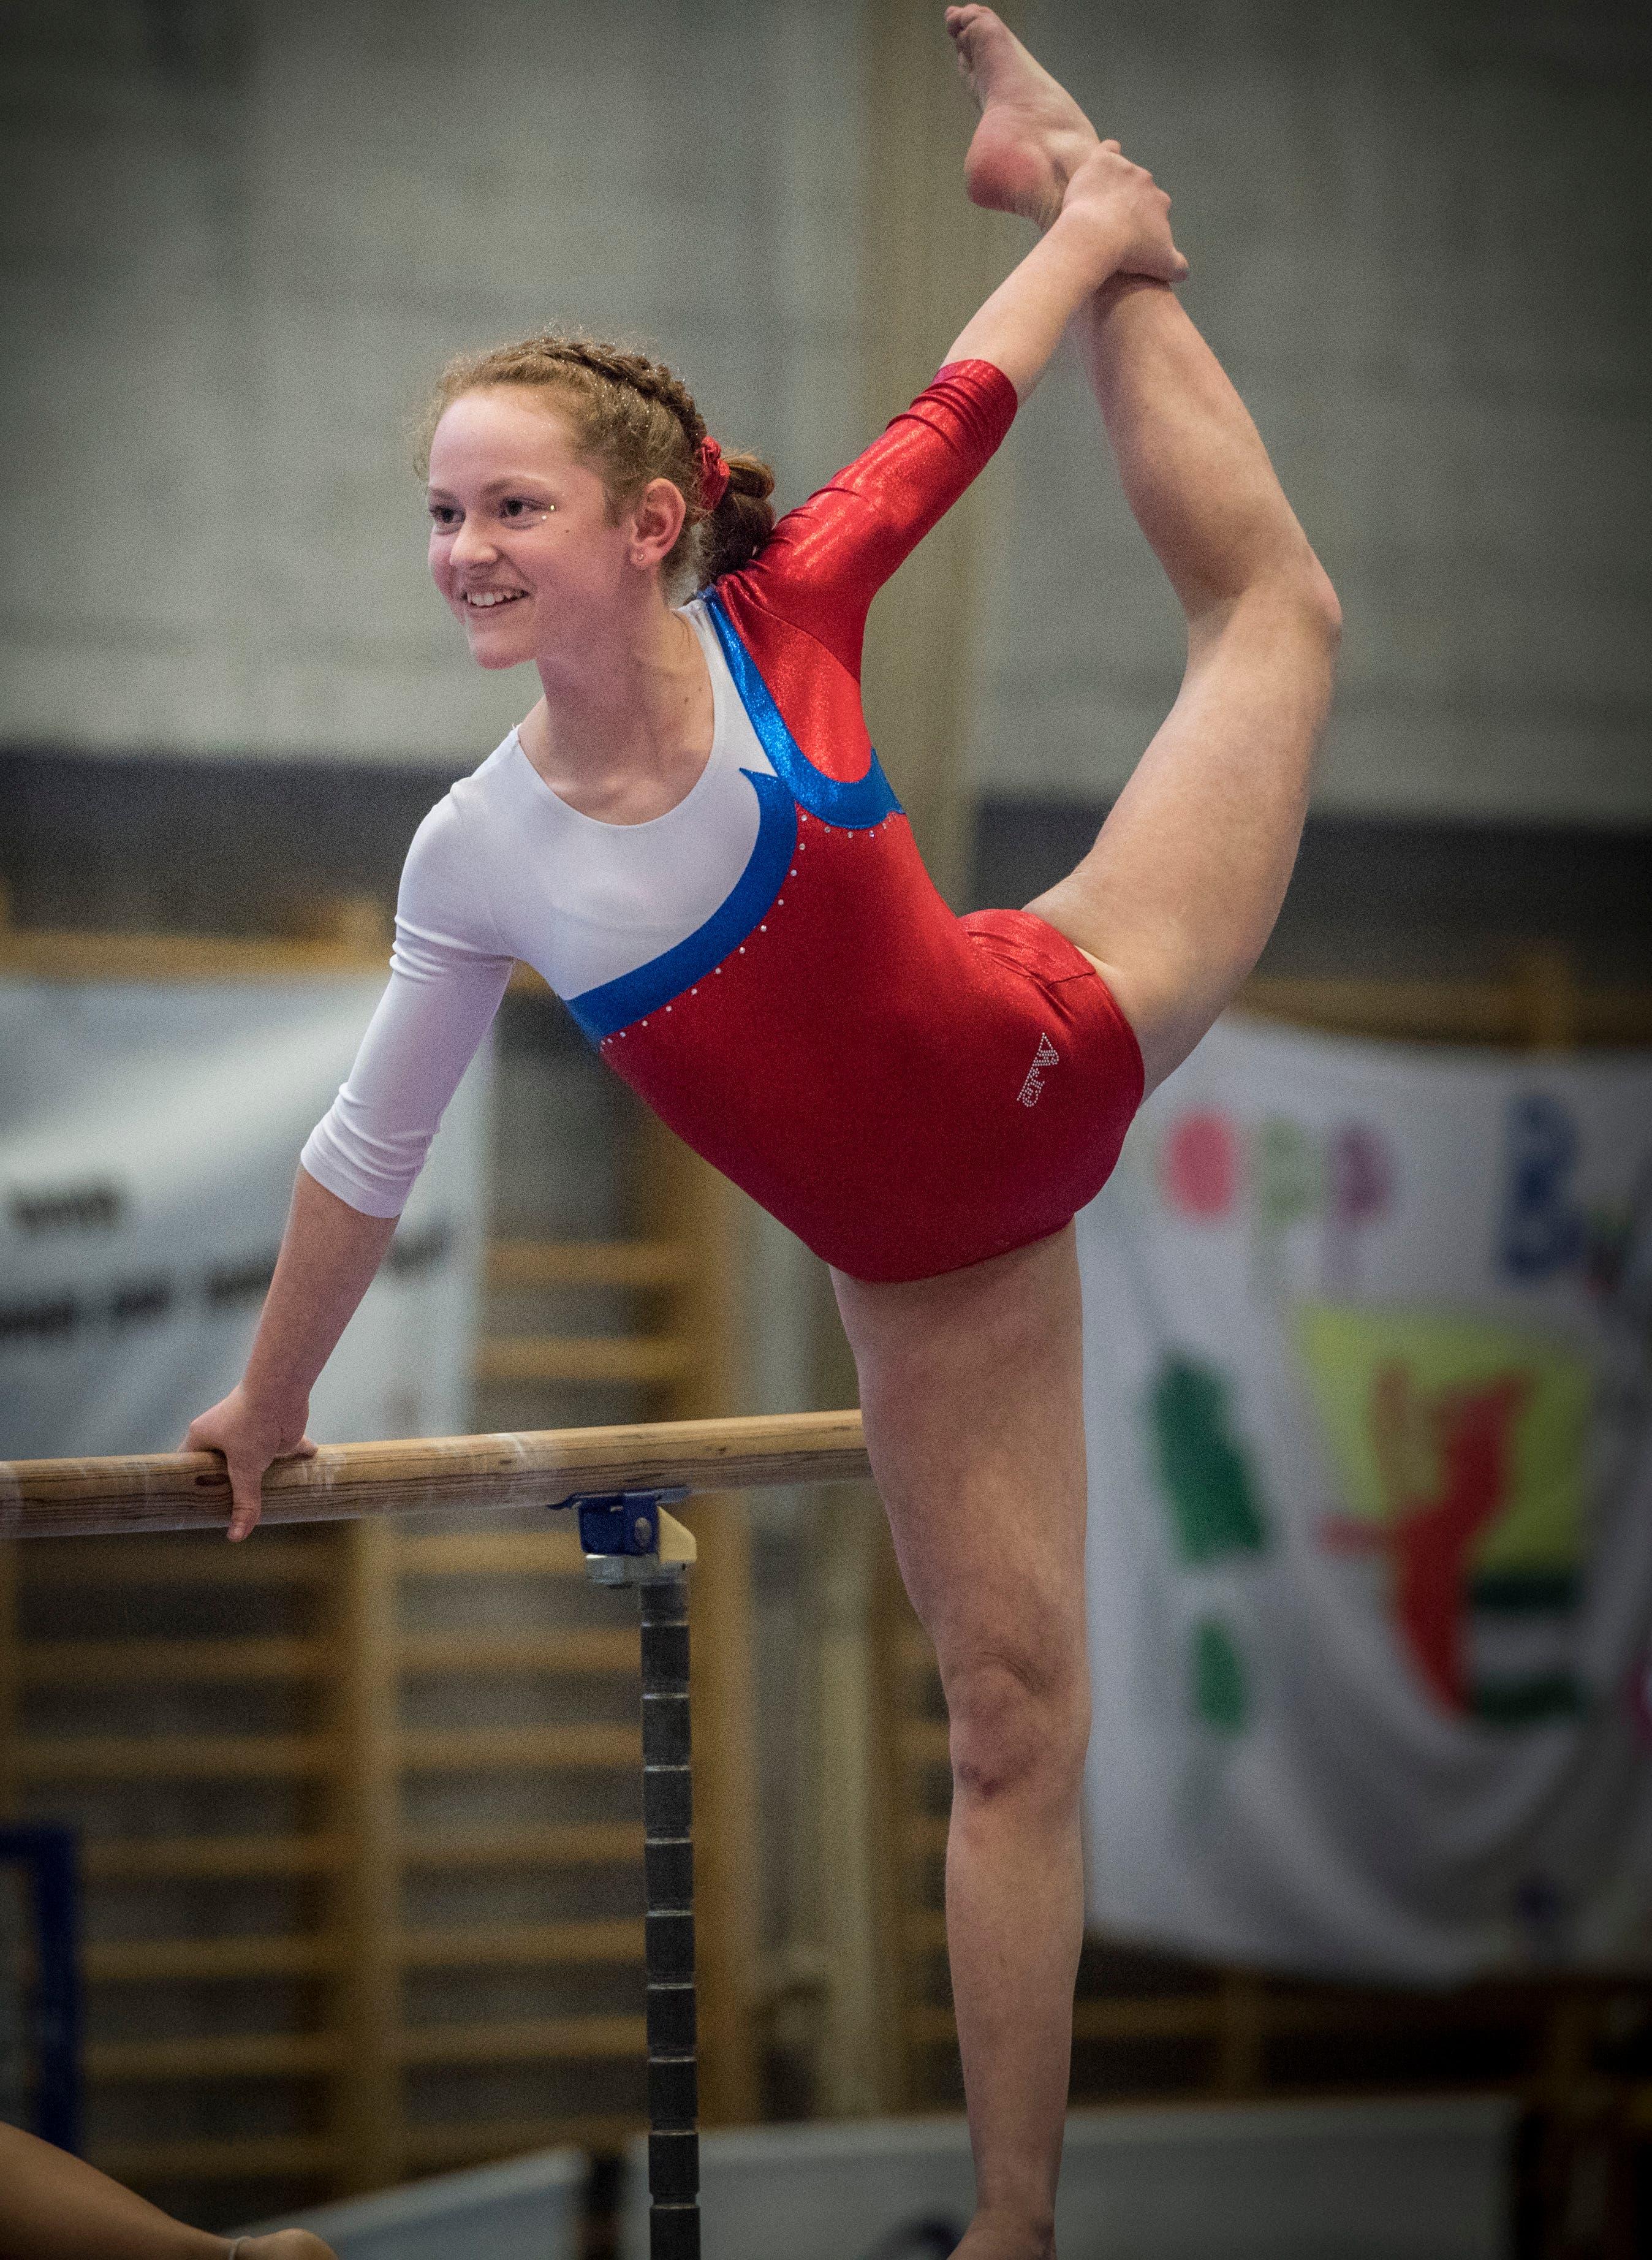 Impressionen vom Final Boden, Gerätekombination und Gymnastik Bühne. (Bild: Andrea Stalder)